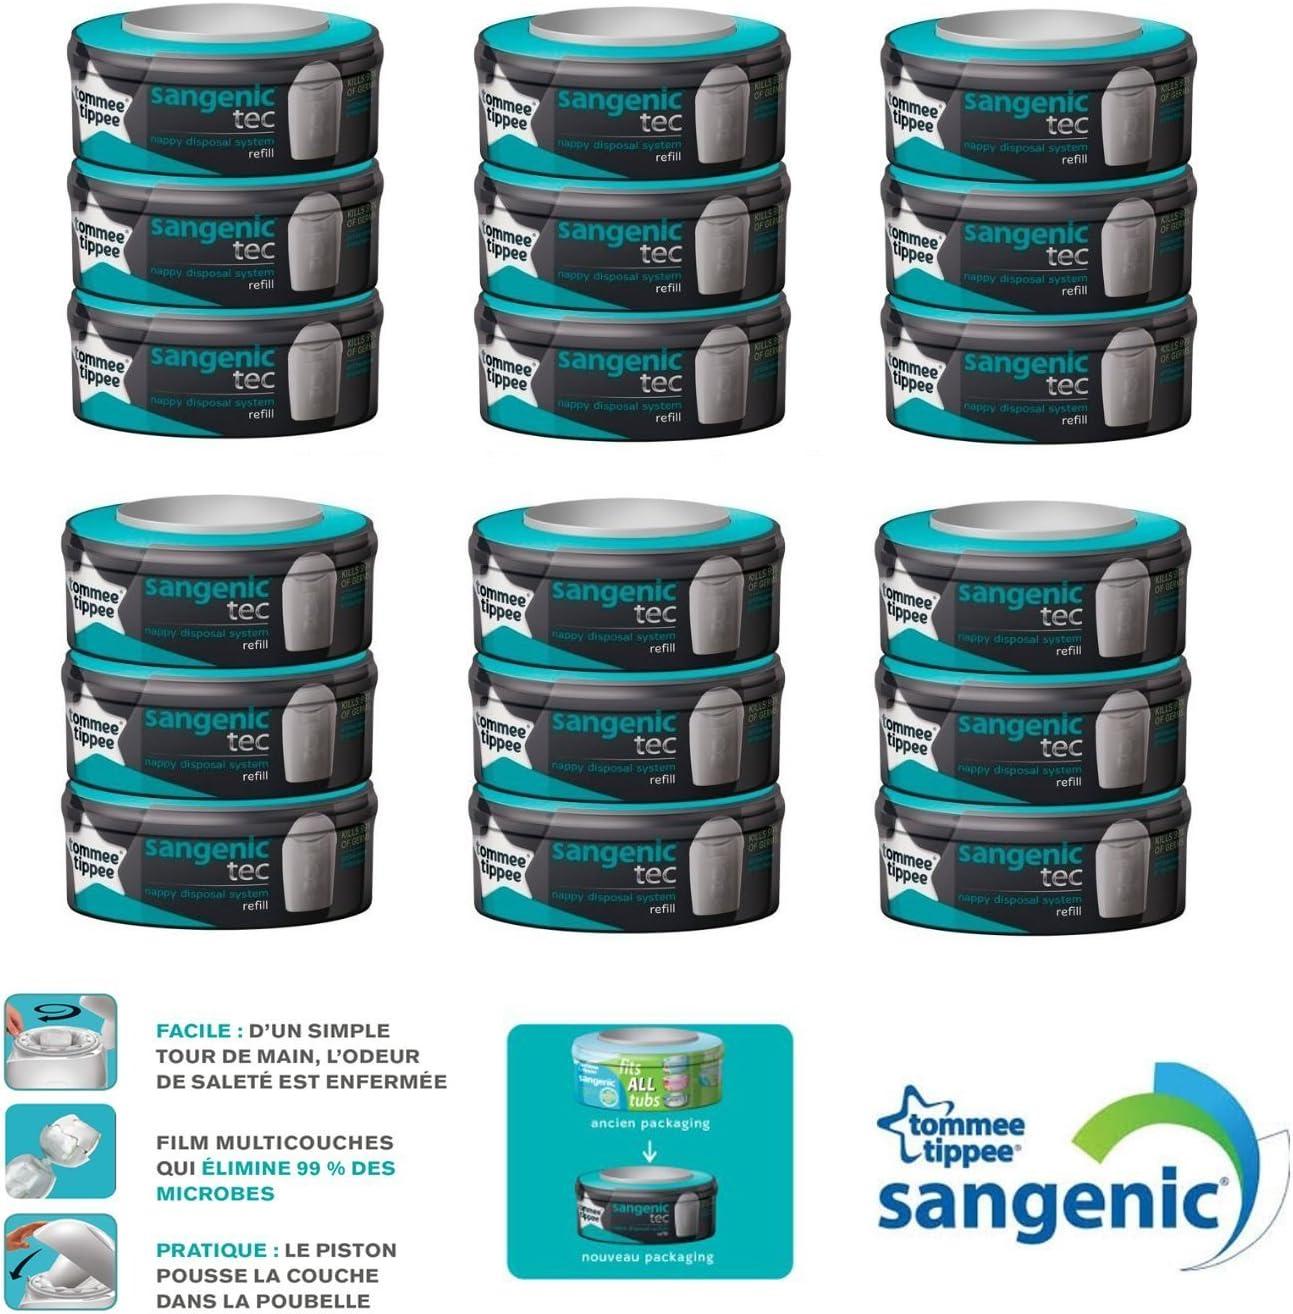 SANGENIC 1 Refills for Sangenic Bin Multipack 2